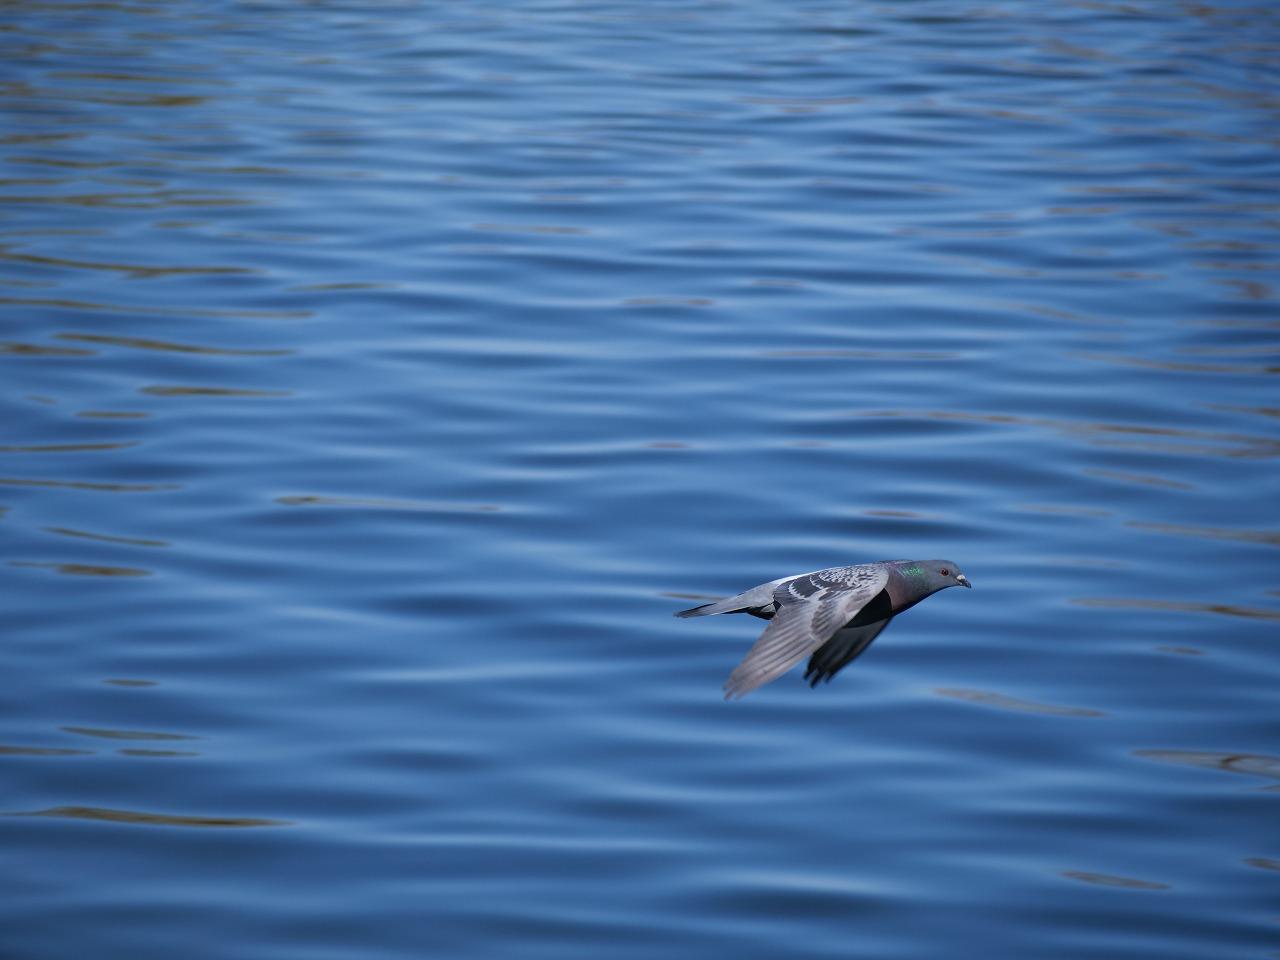 【G9pro】飛ぶ鳥を撮ってみました【動物認識AF】